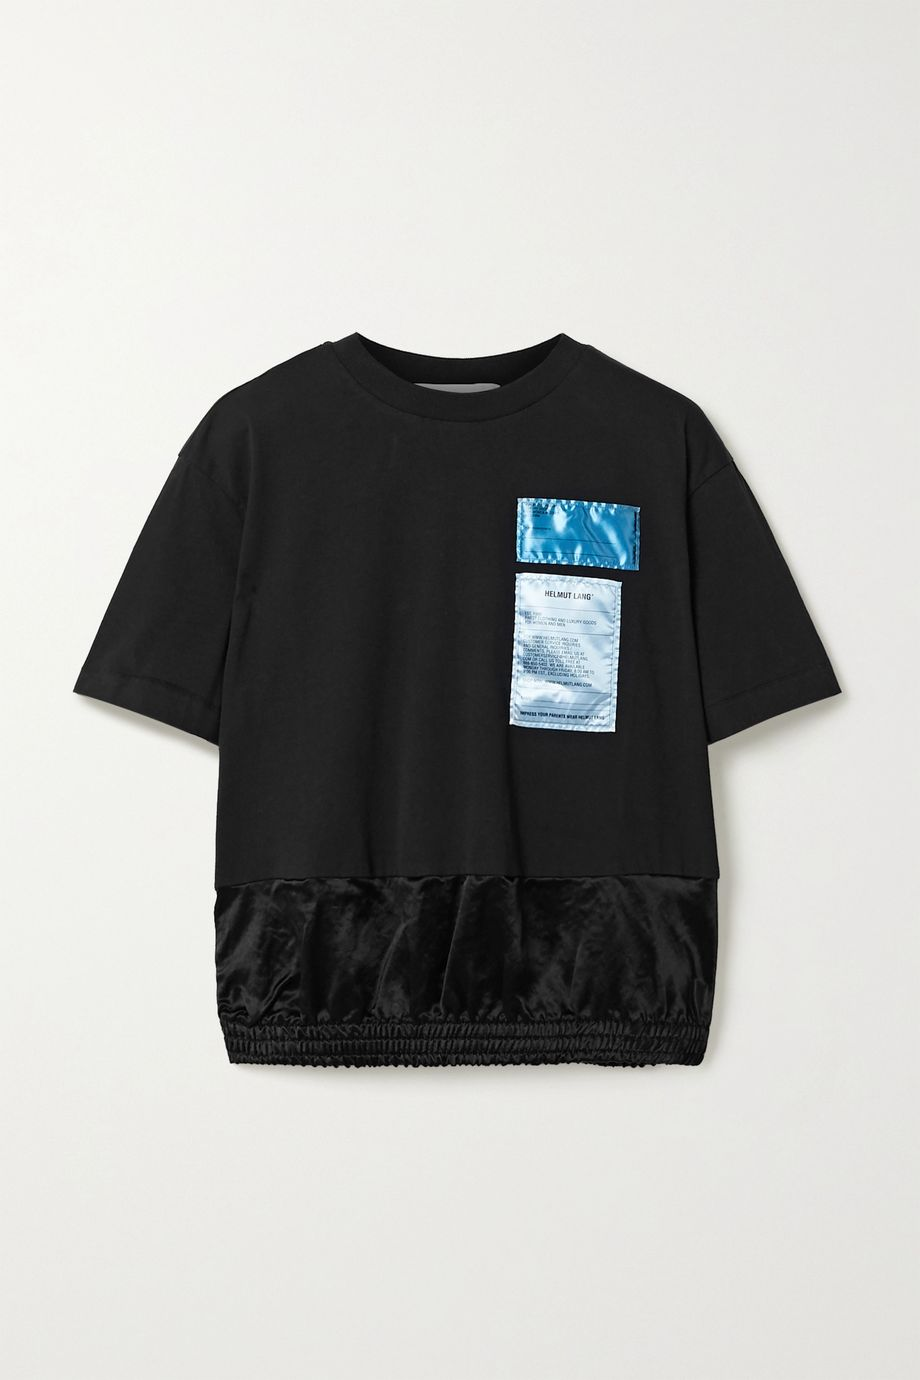 Helmut Lang 贴花纯棉平纹布缎布 T 恤